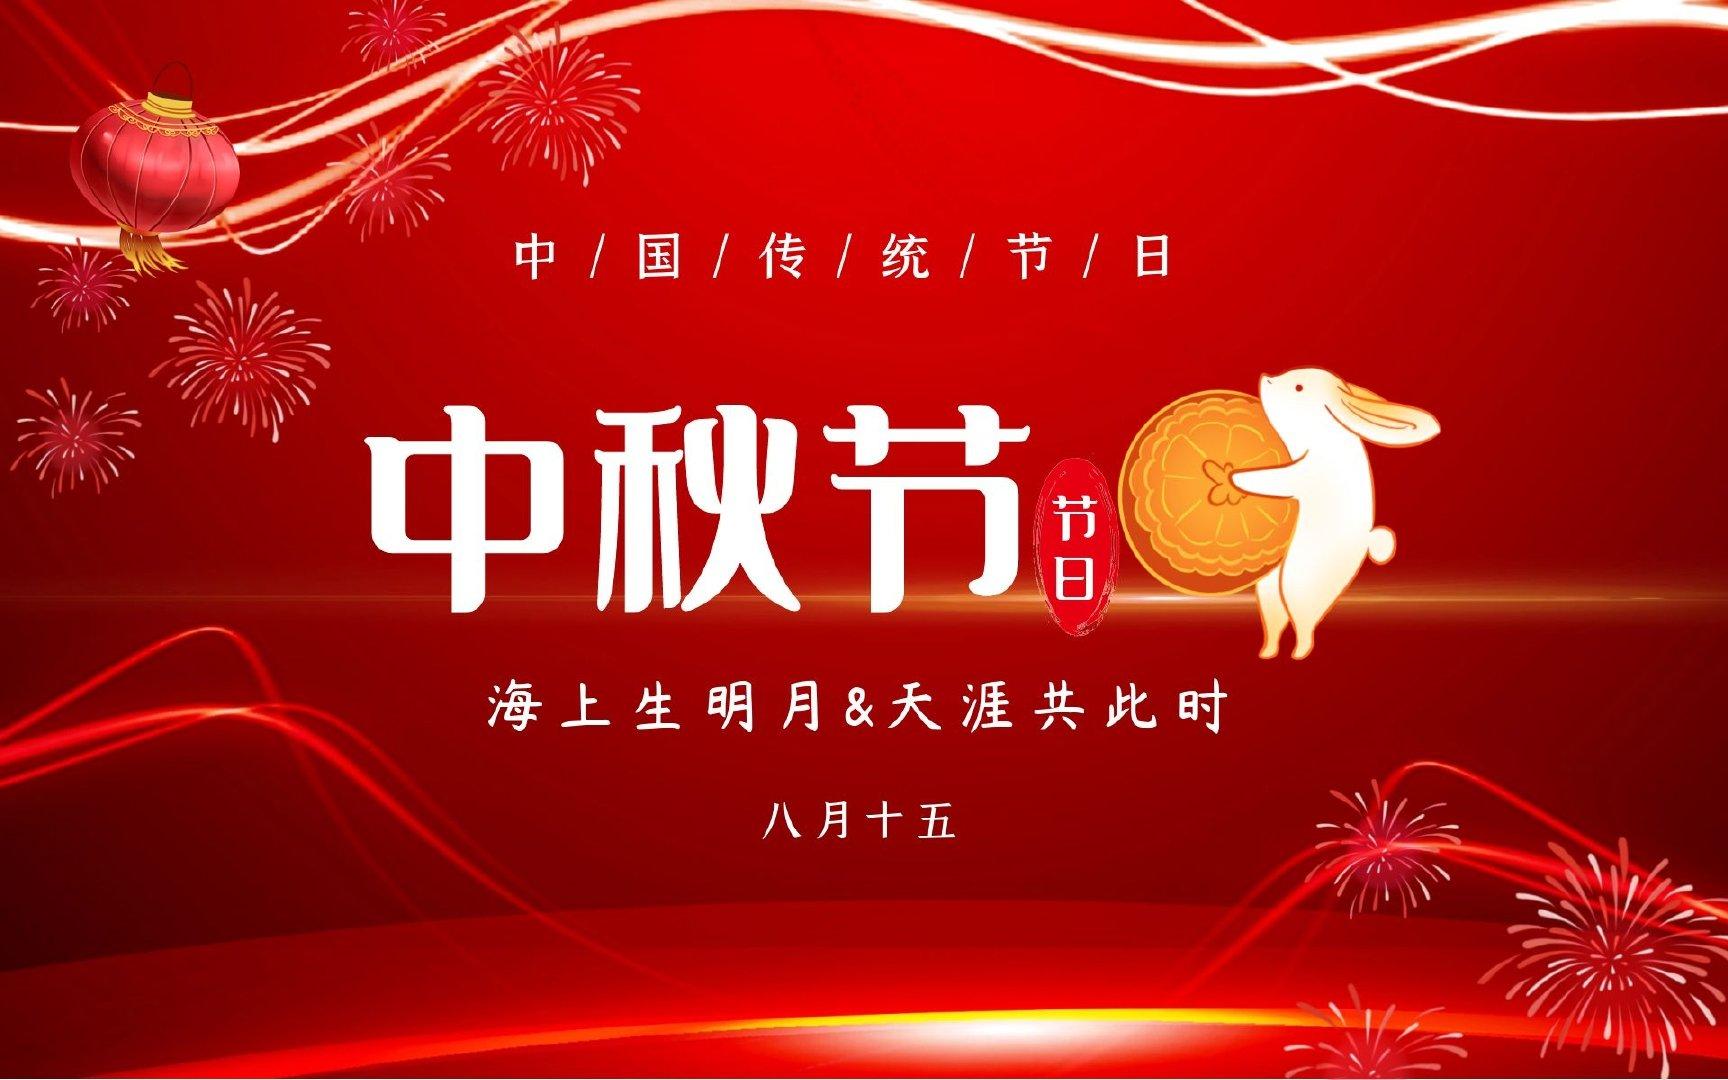 中秋节又快到了,精神病院月饼走红上热搜